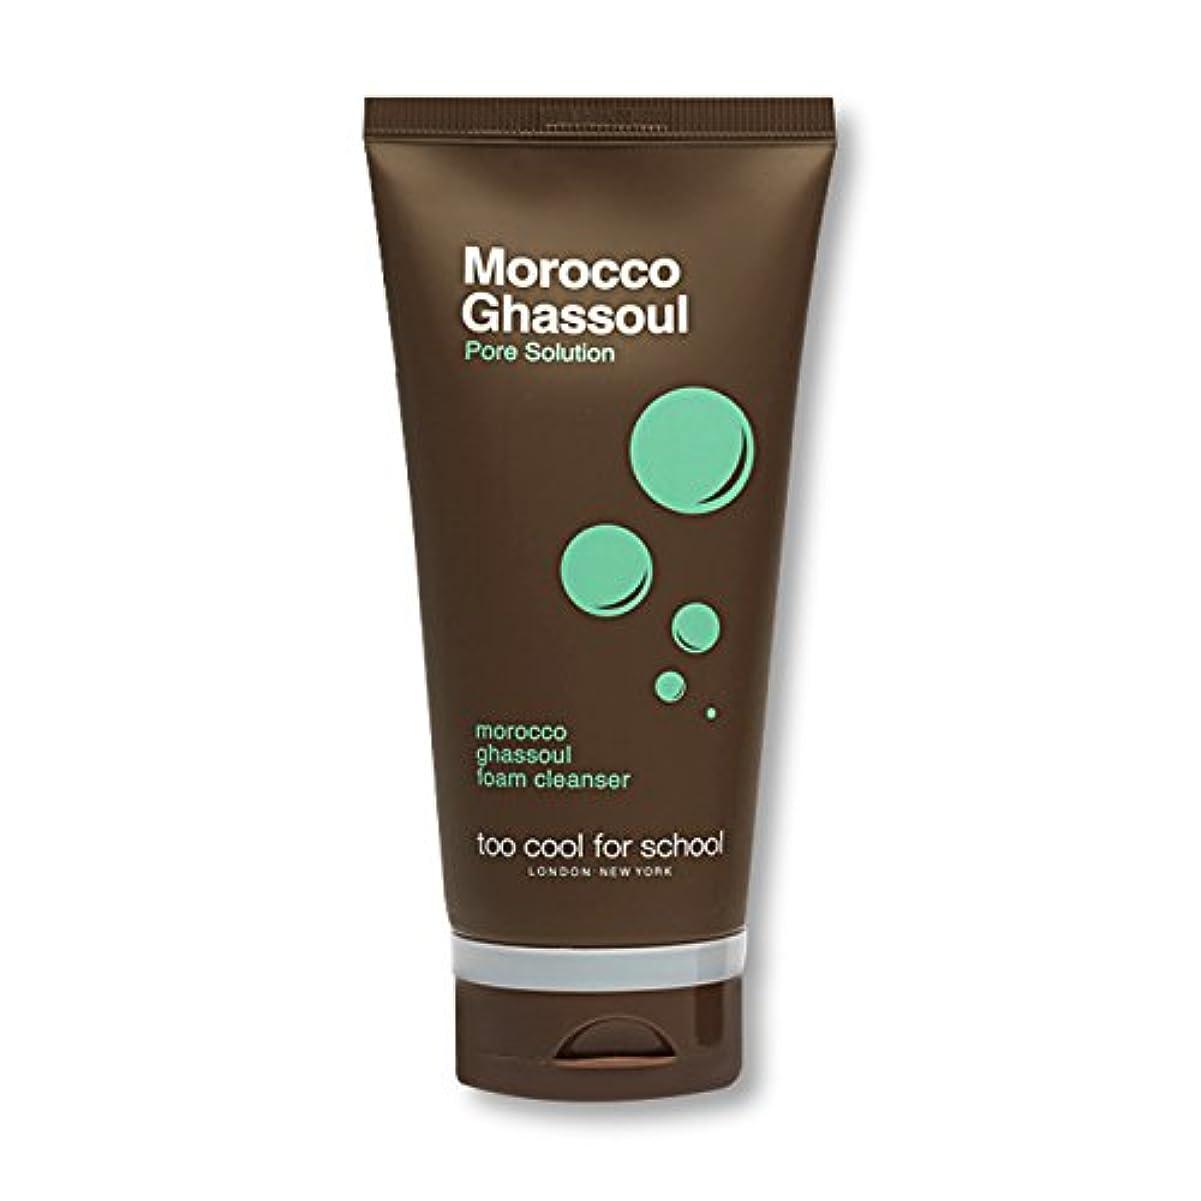 簡単などのくらいの頻度でスラッシュtoo cool for school(トゥークールフォースクール)モロッコ ガスール フォーム クレンザー(MOROCCO GHASSOUL FOAM CLEANSER)150g